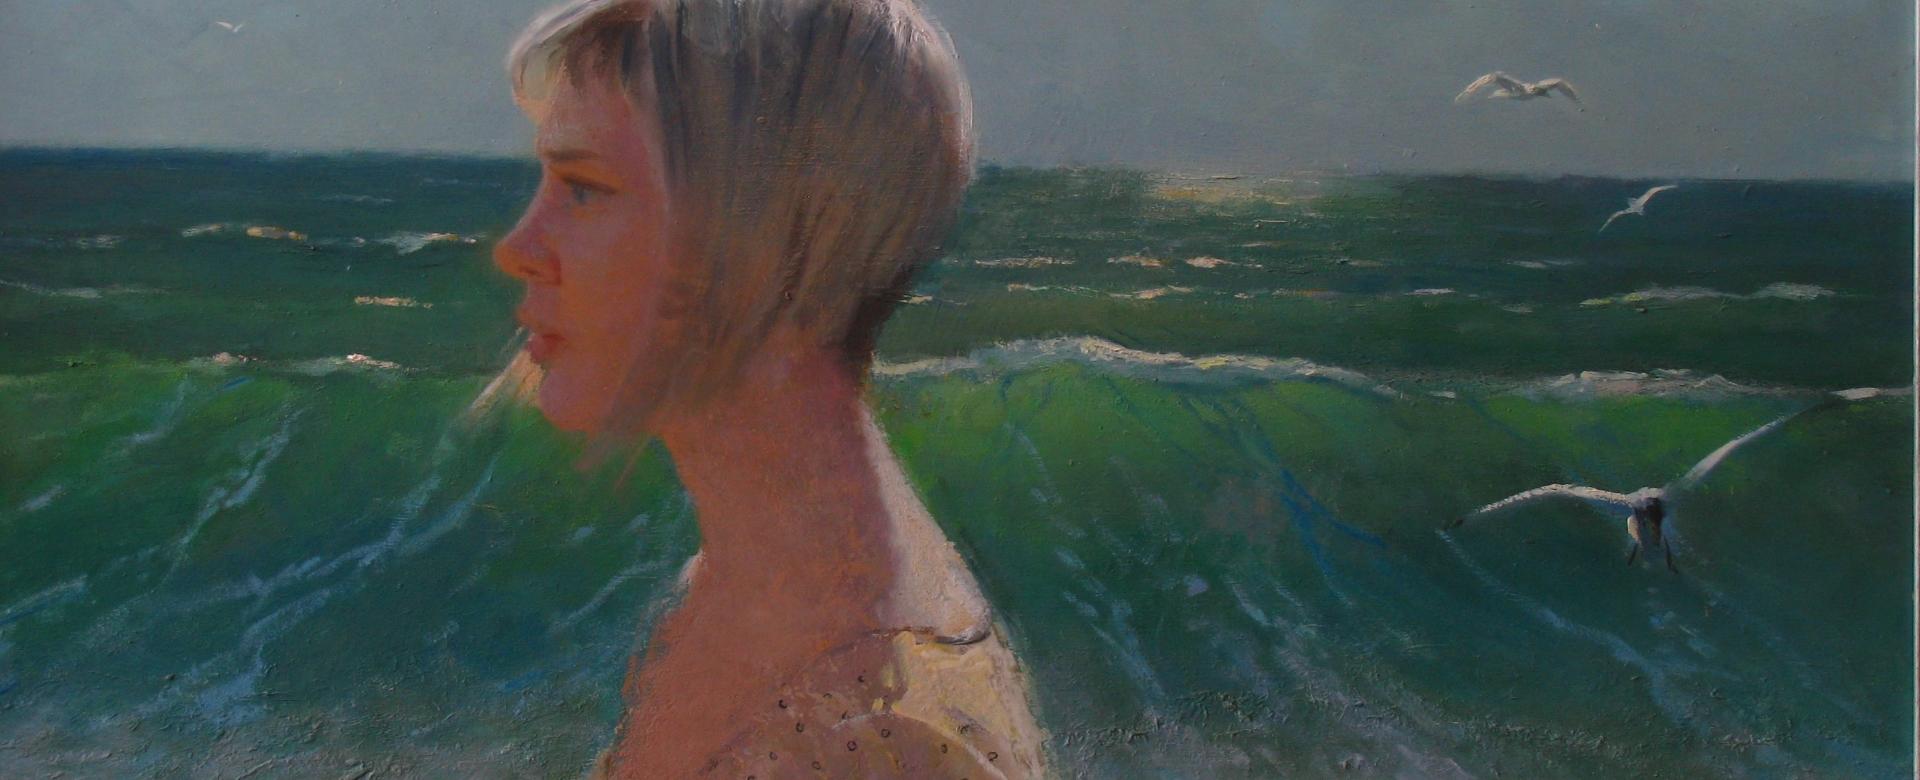 Exhibition of Lugansk artist Sergey Kondrashov